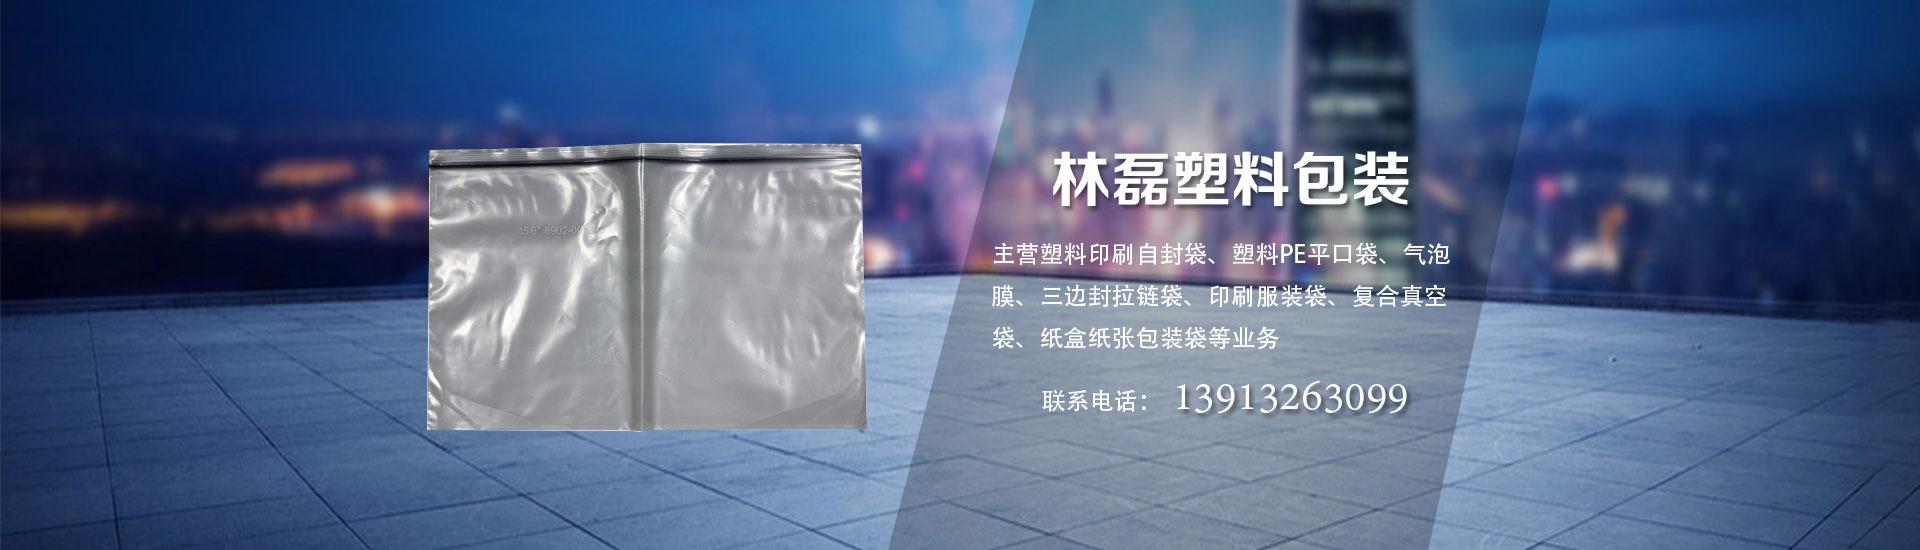 Anti-static self-styled bag